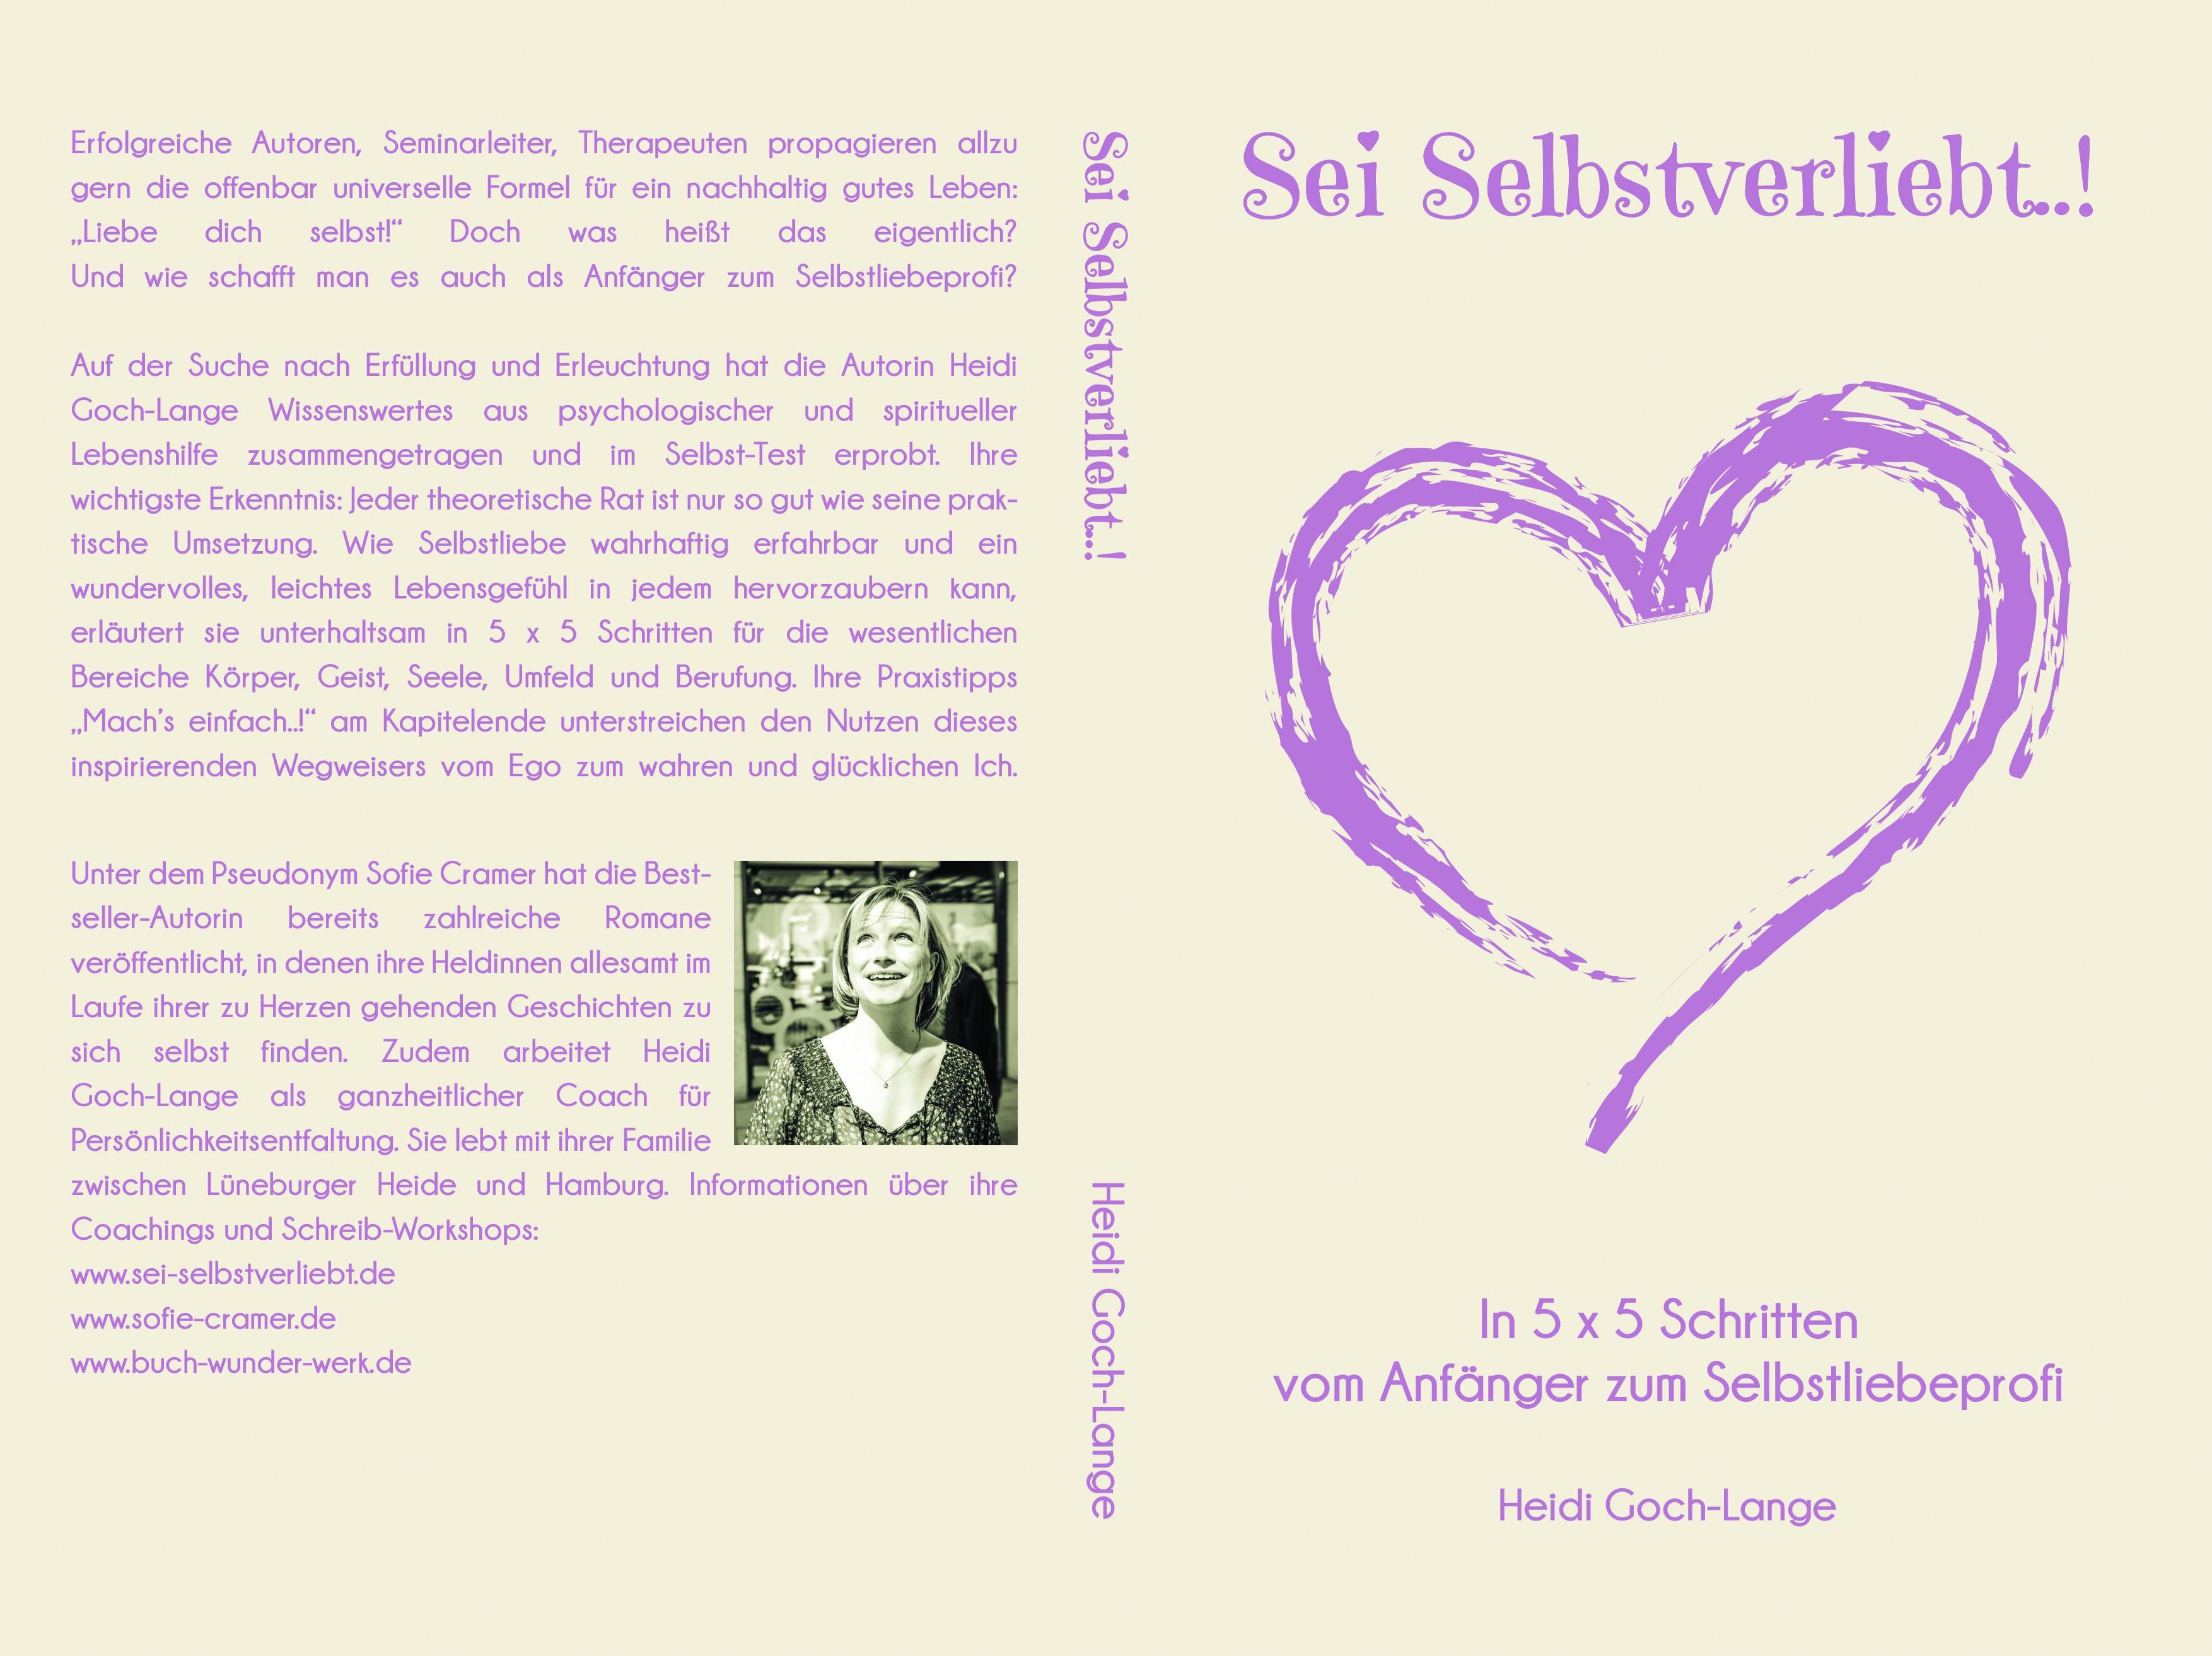 Genial einfaches Cover für potenziellen Sachbuch-Bestseller gesucht :-)